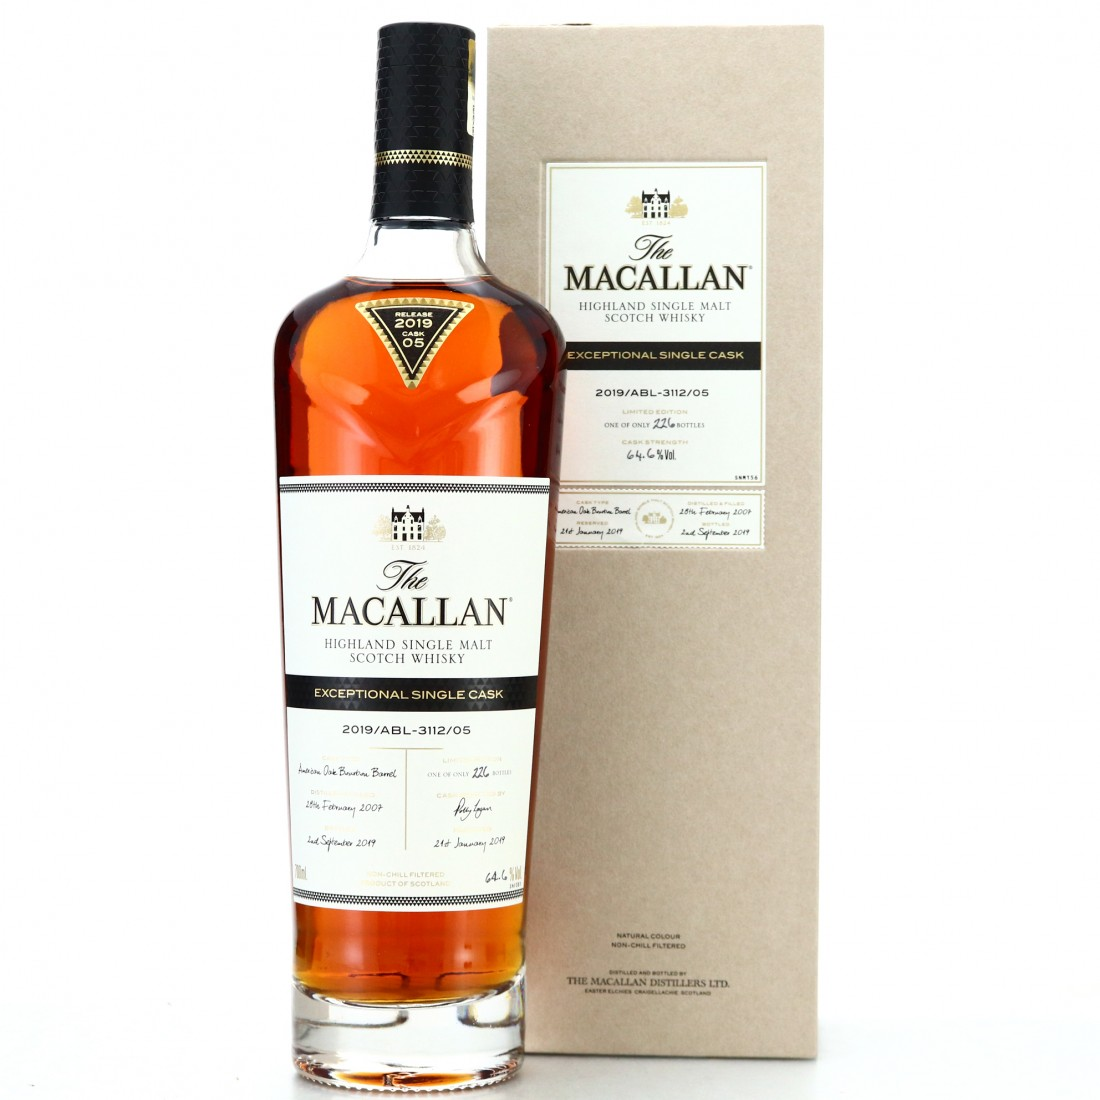 Macallan 2007 Exceptional Cask #3112-05 / 2019 Release